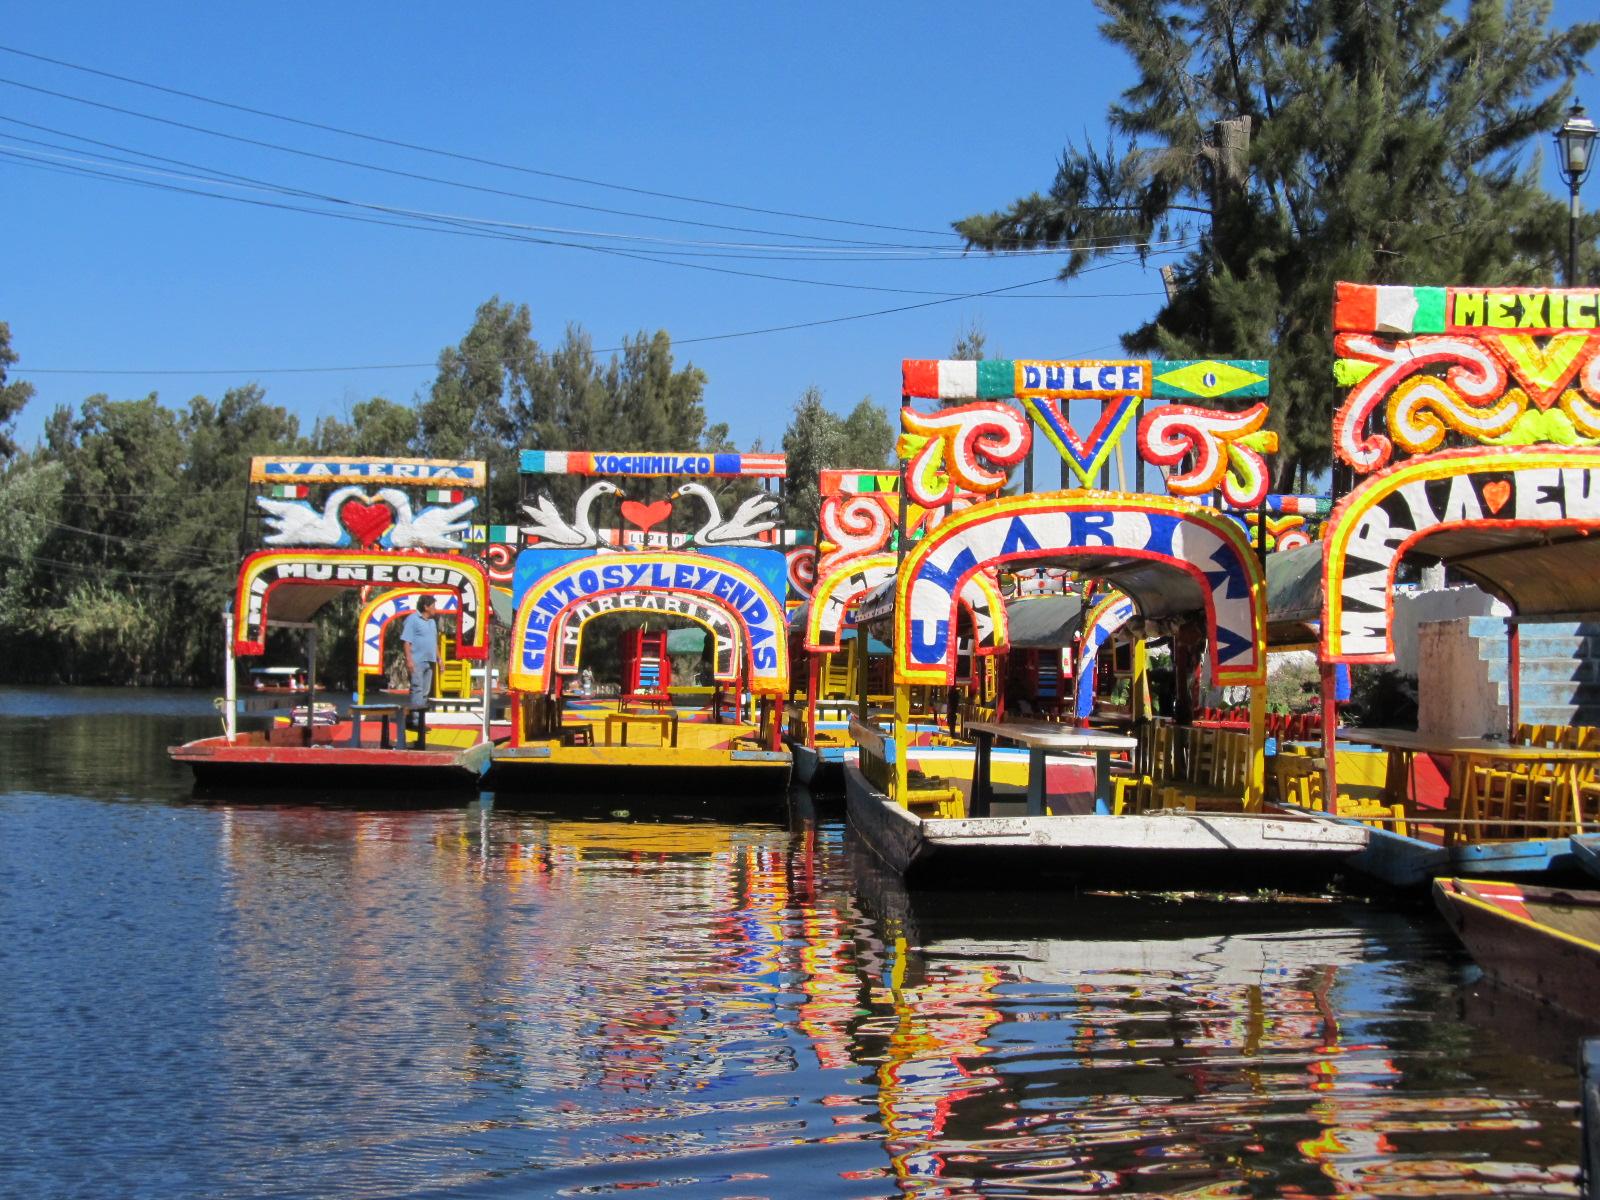 El Niñopa: Una tradición del Día de la Candelaria en Xochimilco